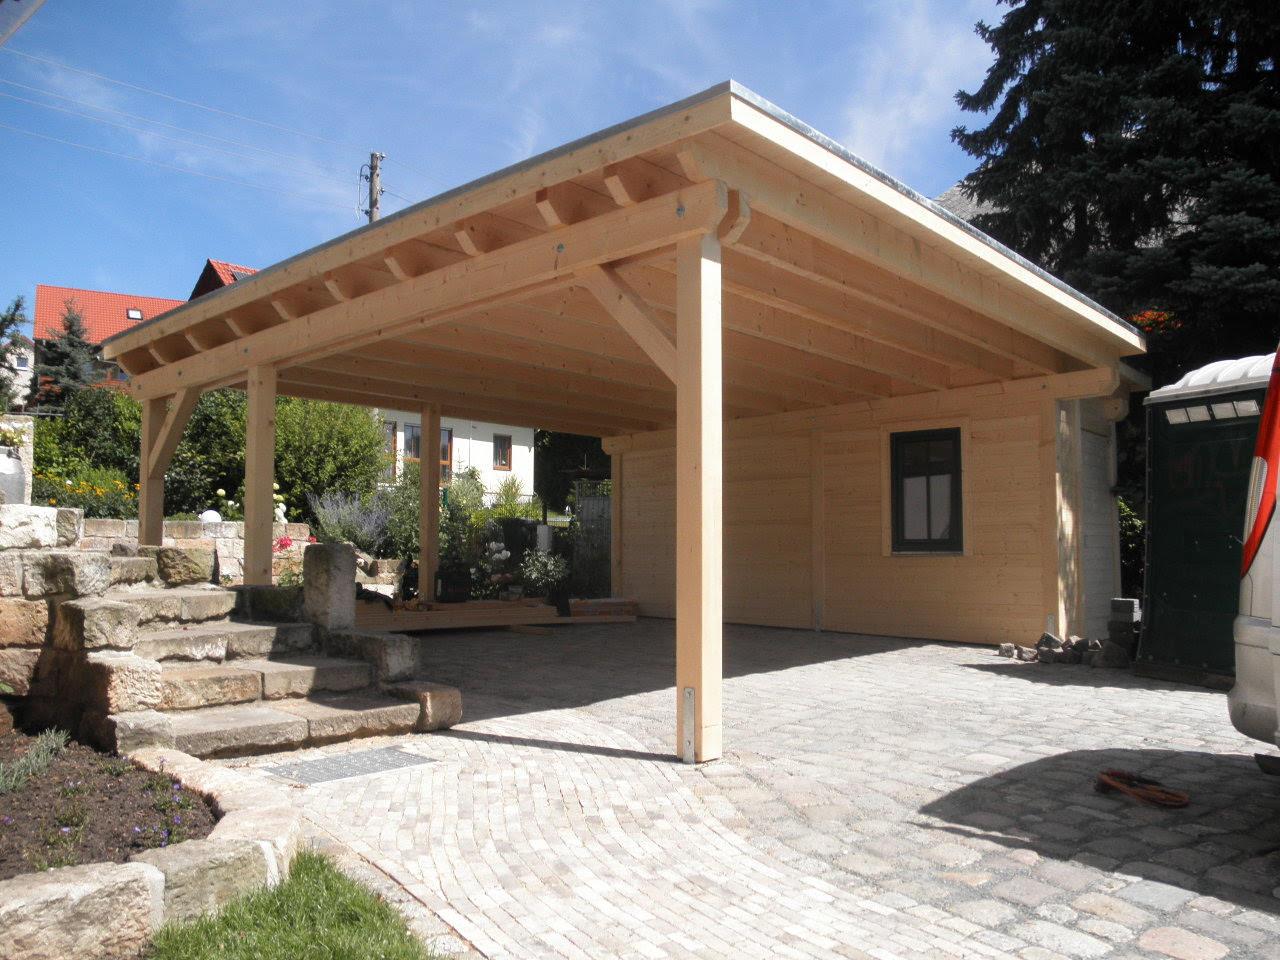 Überdachung Holz Stein